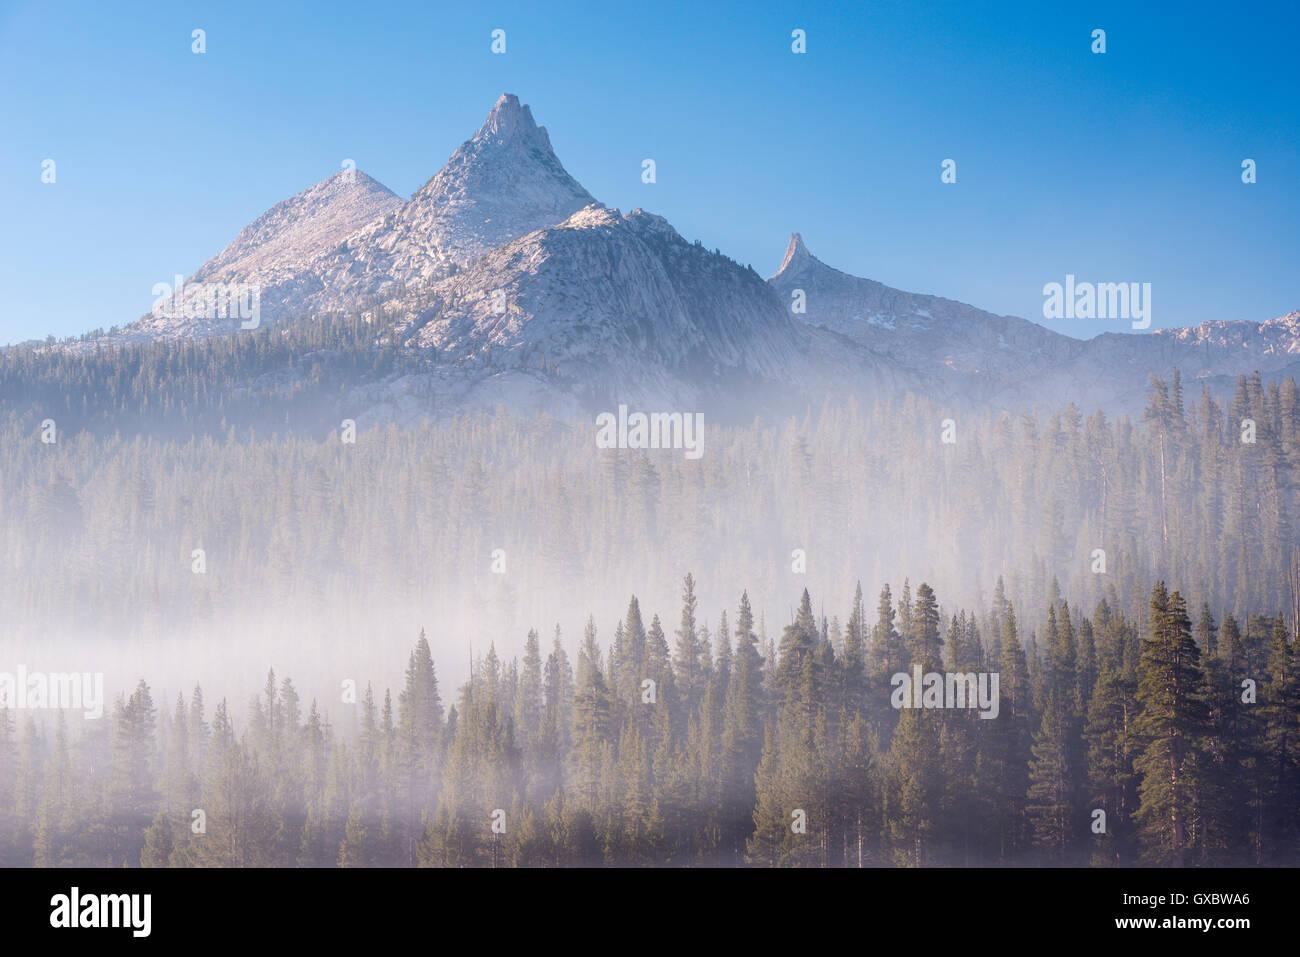 Einhorn-Gipfel erhebt sich über einem Nebel eingehüllt Wald, Yosemite-Nationalpark, Kalifornien, USA. Stockbild